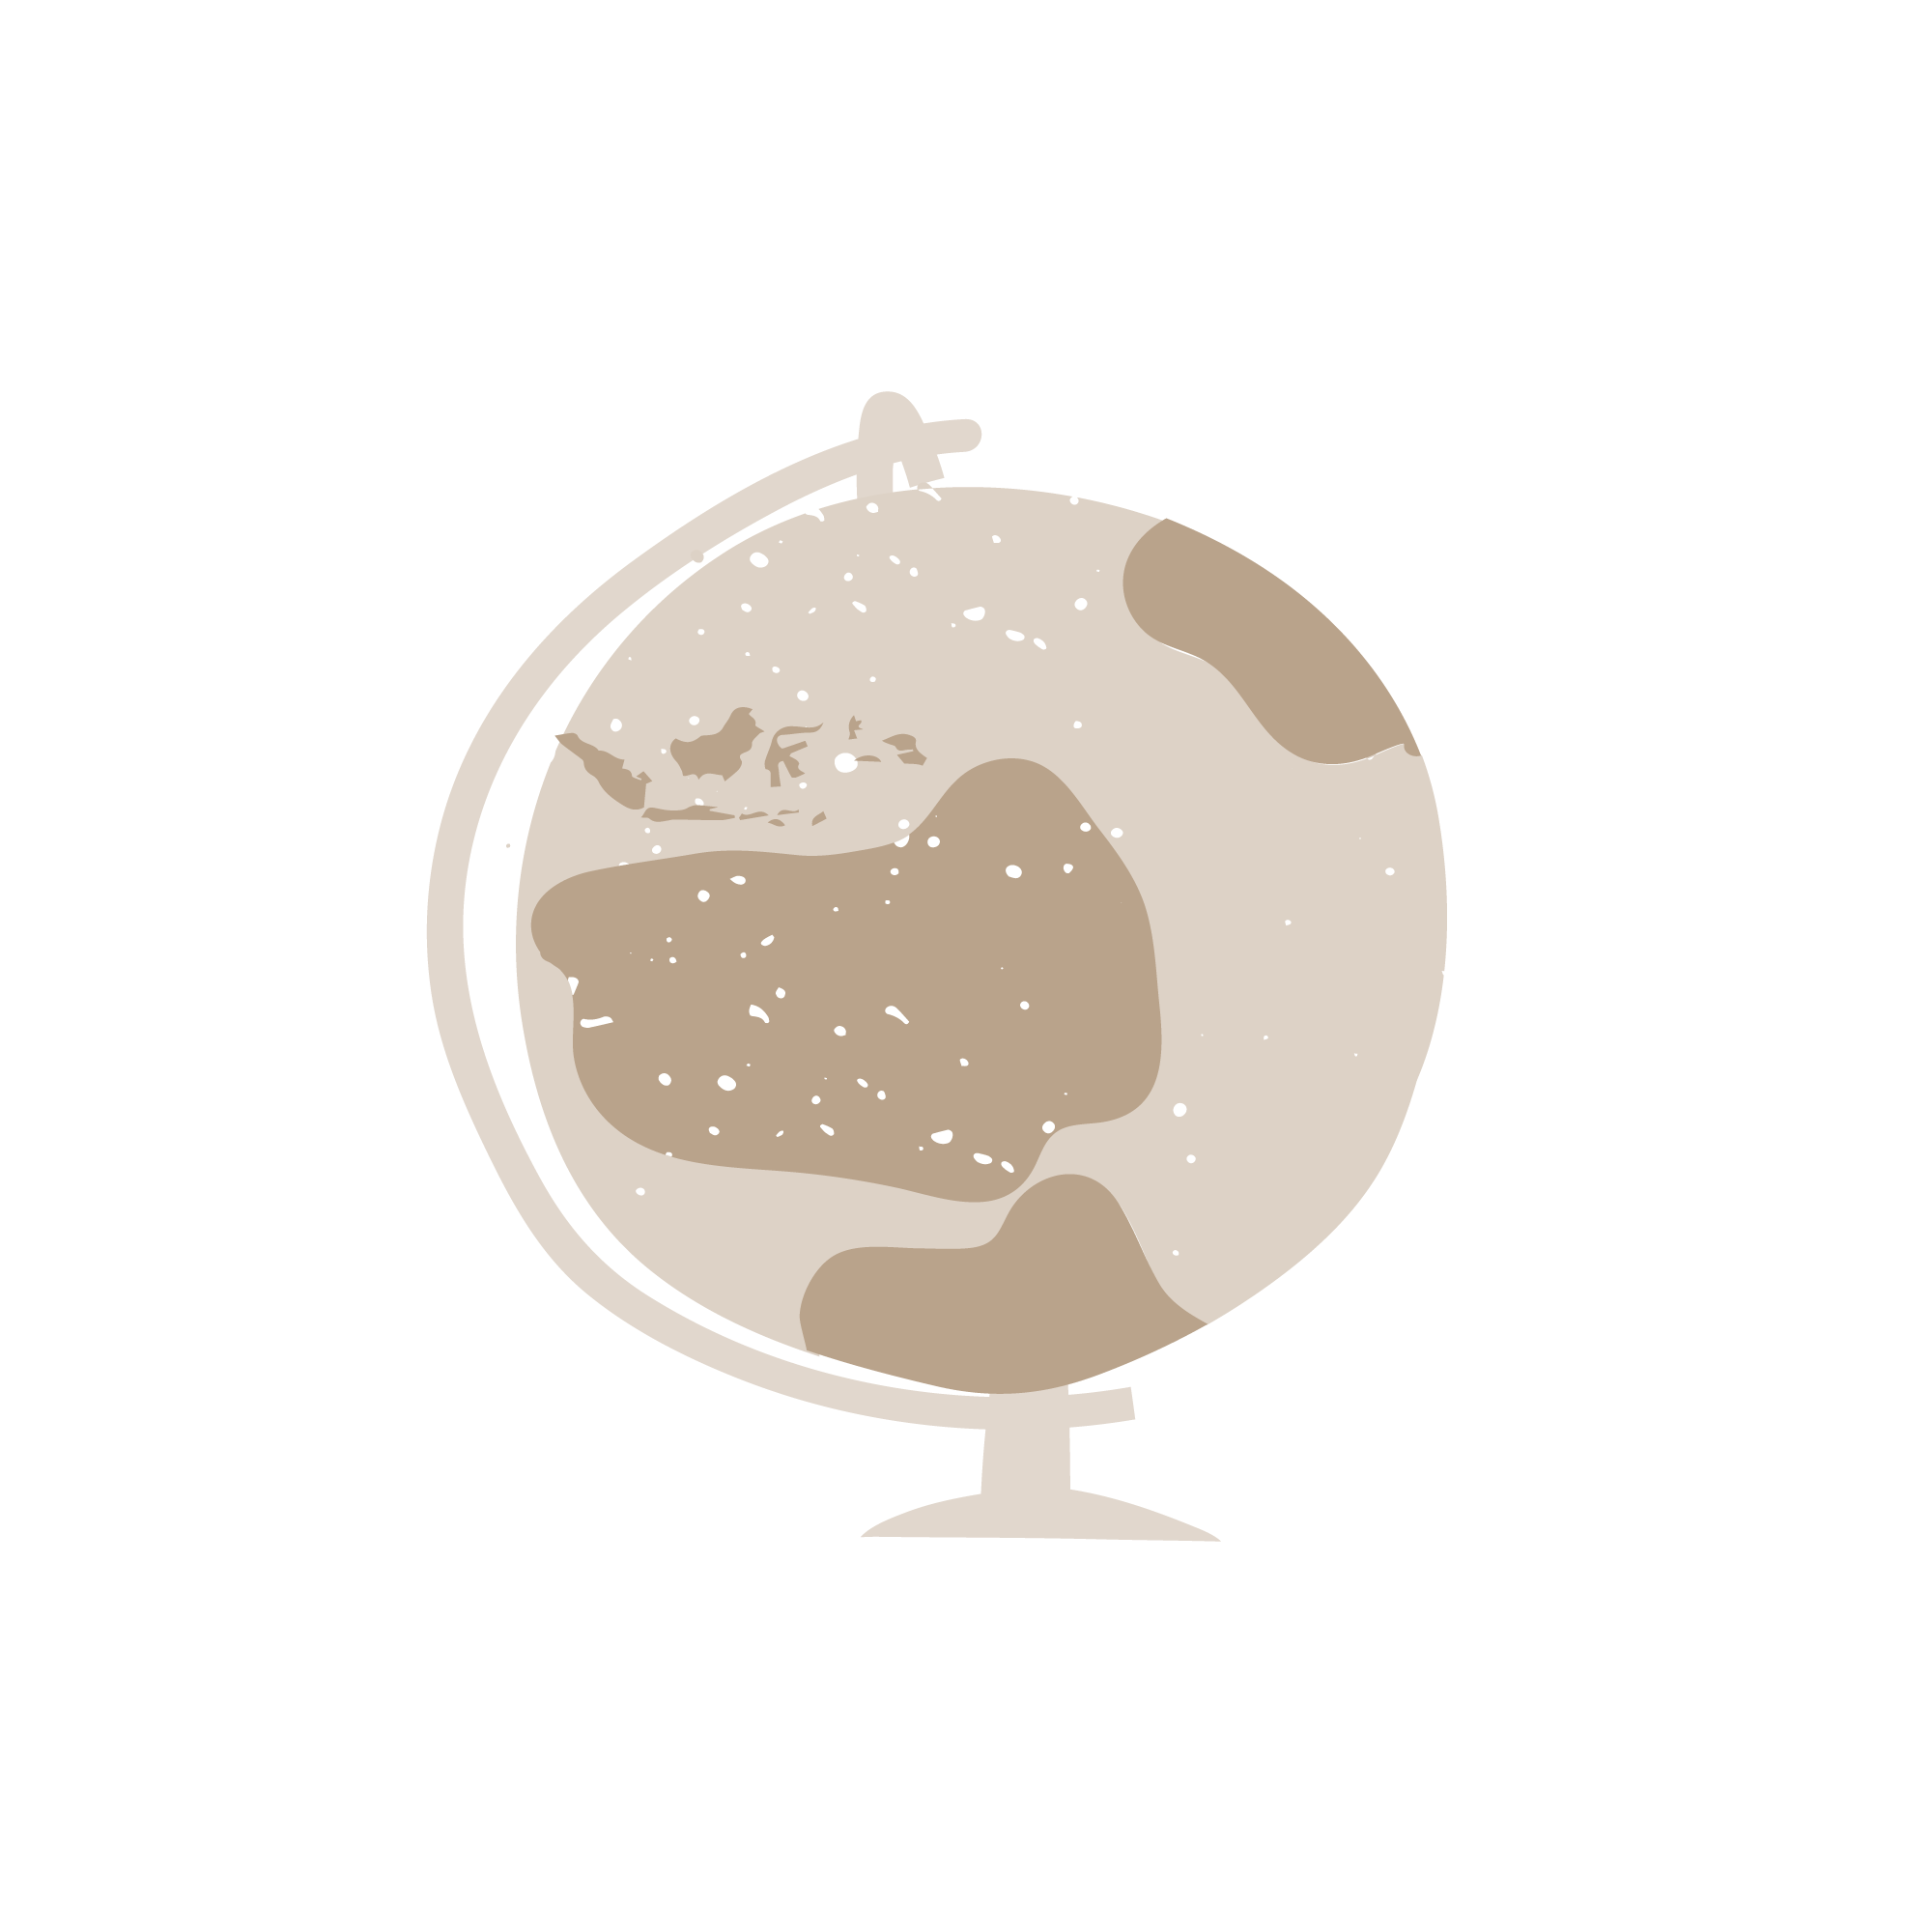 emiliecerretti_insta_icone-voyages